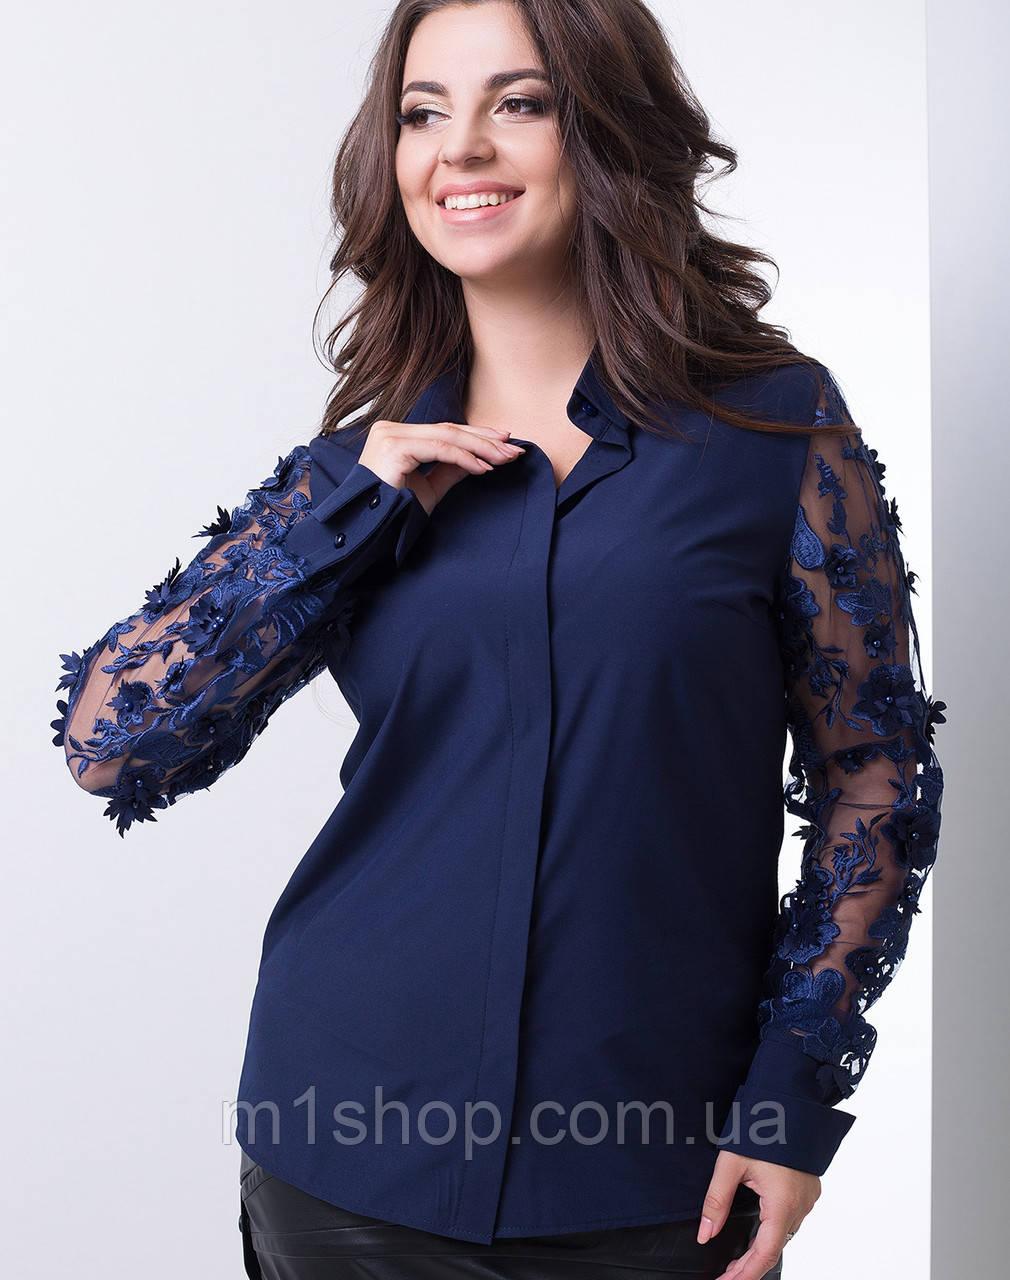 Женская рубашка с рукавами из сетки больших размеров (Пандора lzn)